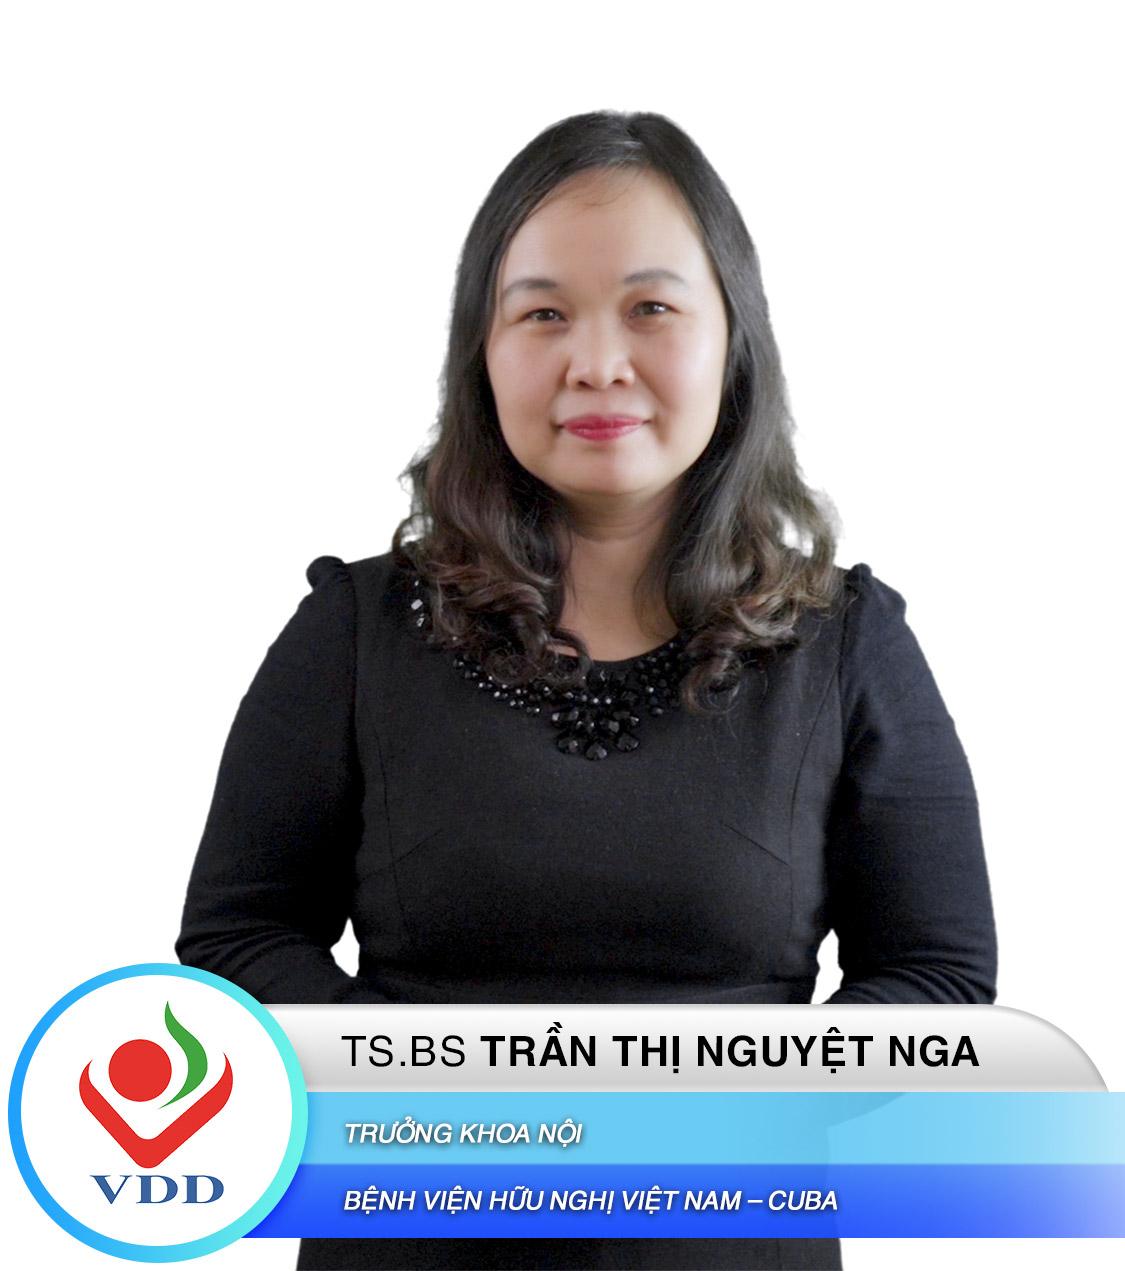 8. Trần Thị Nguyệt Nga